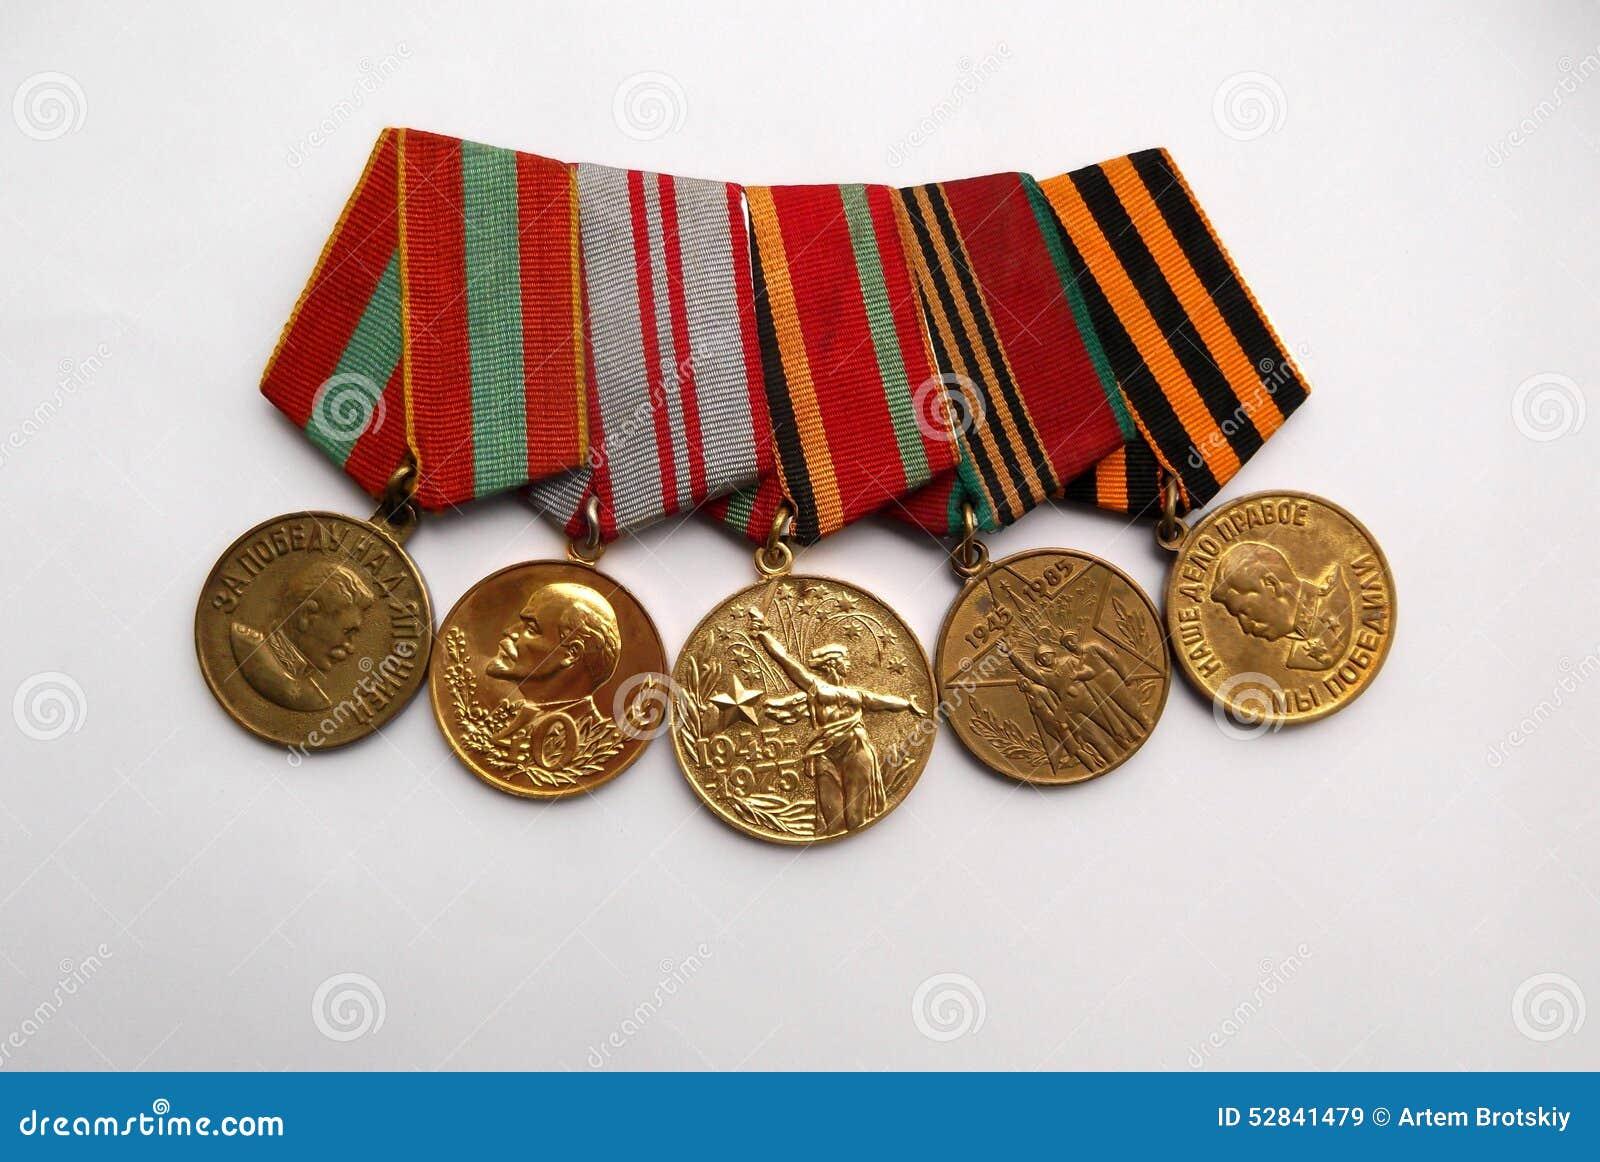 Hermosa Marco De La Pantalla De Medallas Imagen - Ideas ...